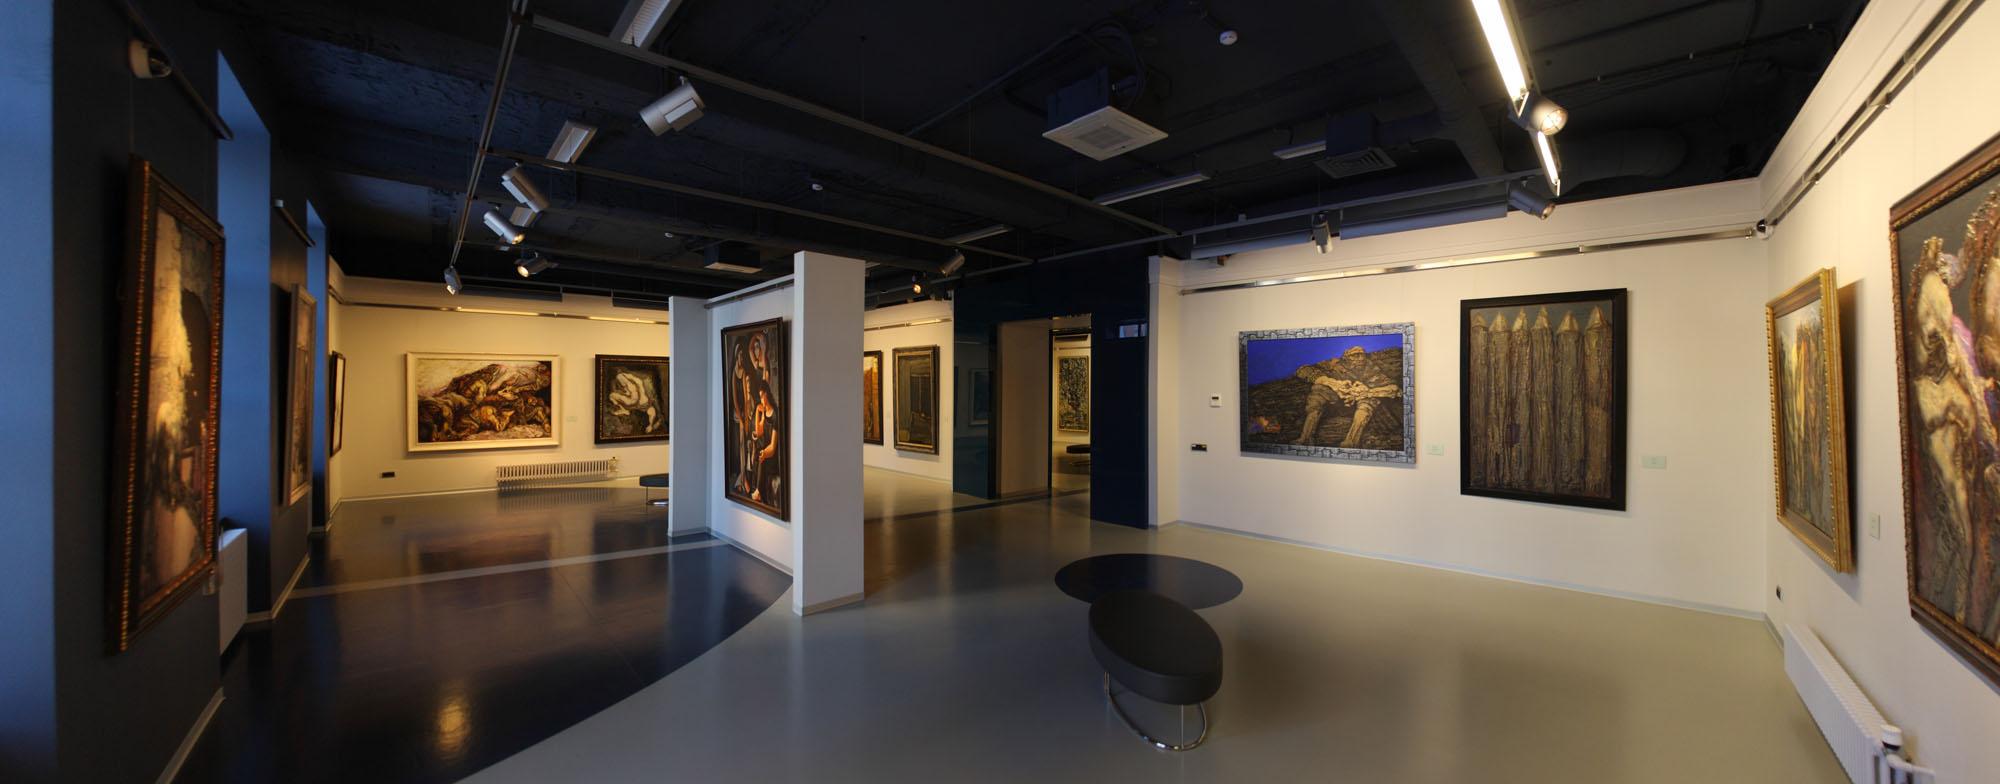 Дизайн галереи